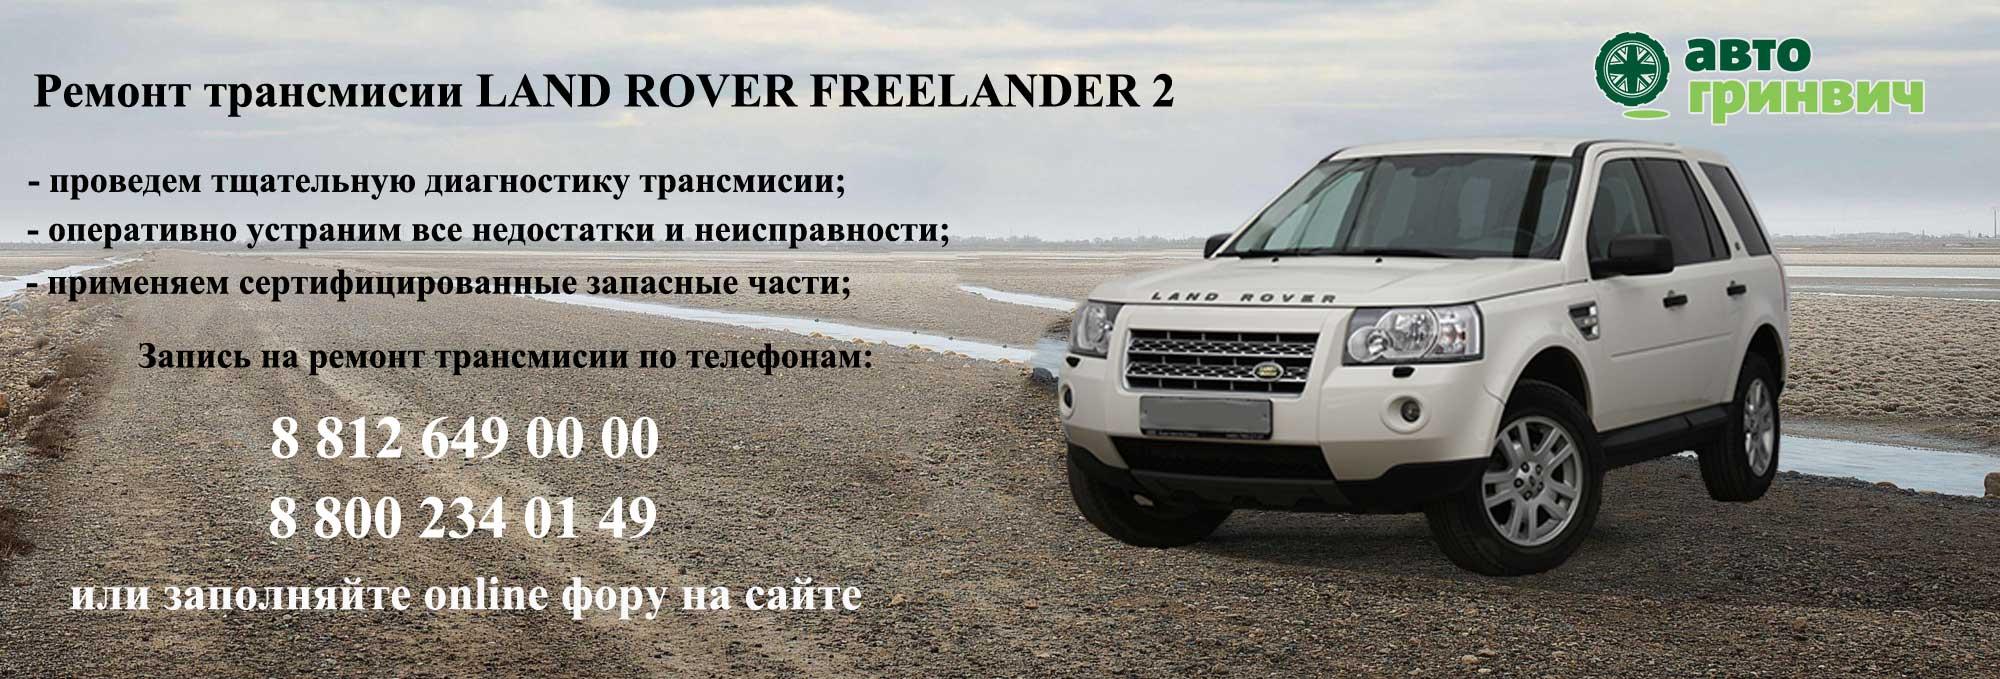 Ремонт трансмиссии FREELANDER 2